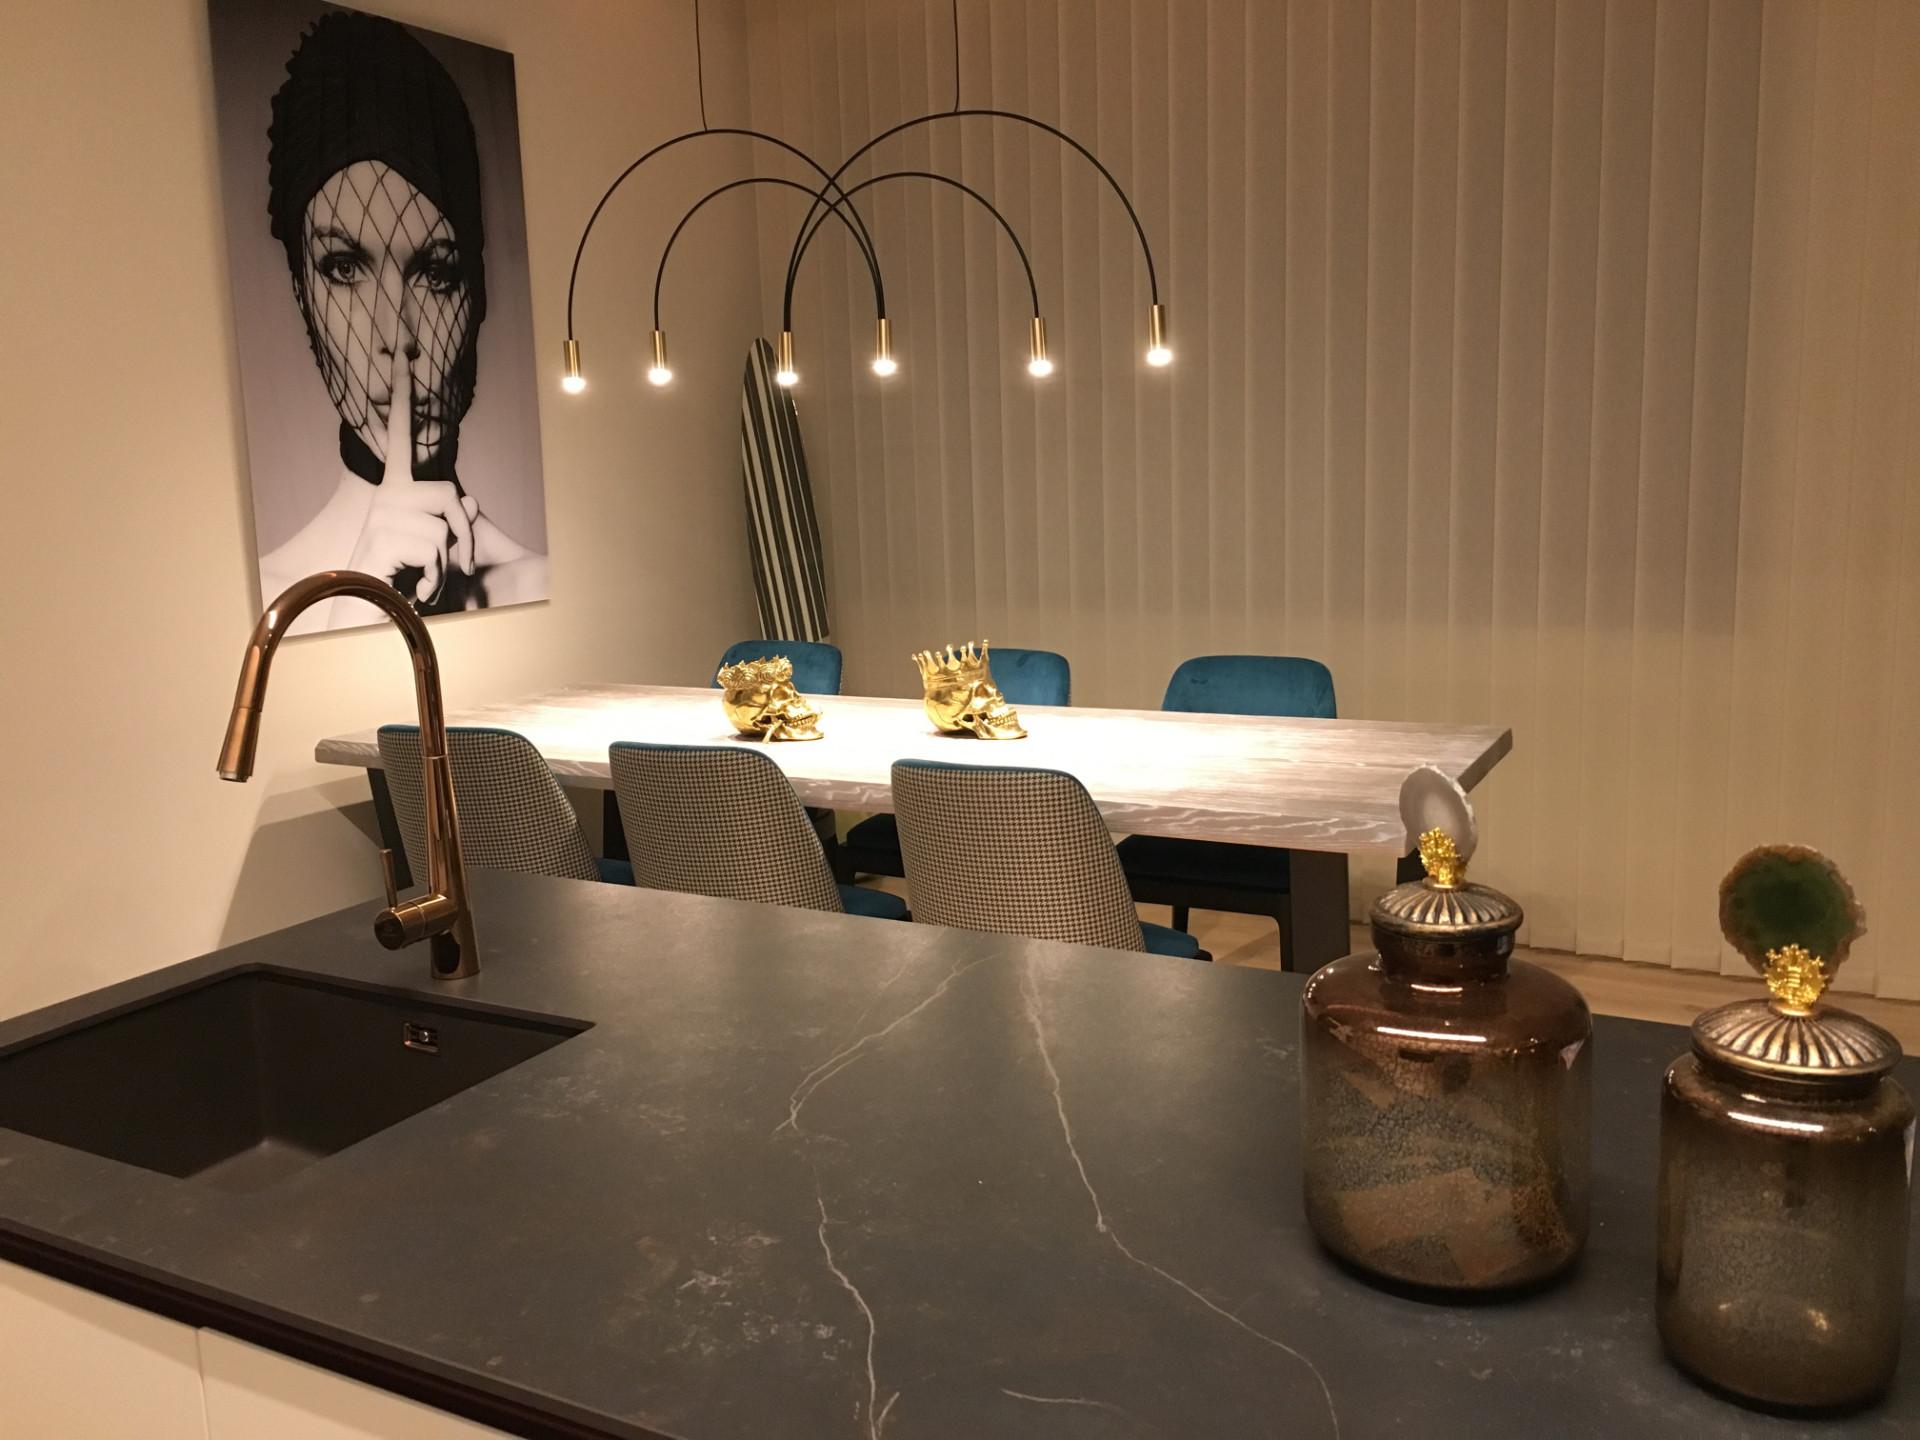 Abrimos nuevo estudio en sedav david moreno interiores estudio de interiorismo en valencia - David moreno interiores ...